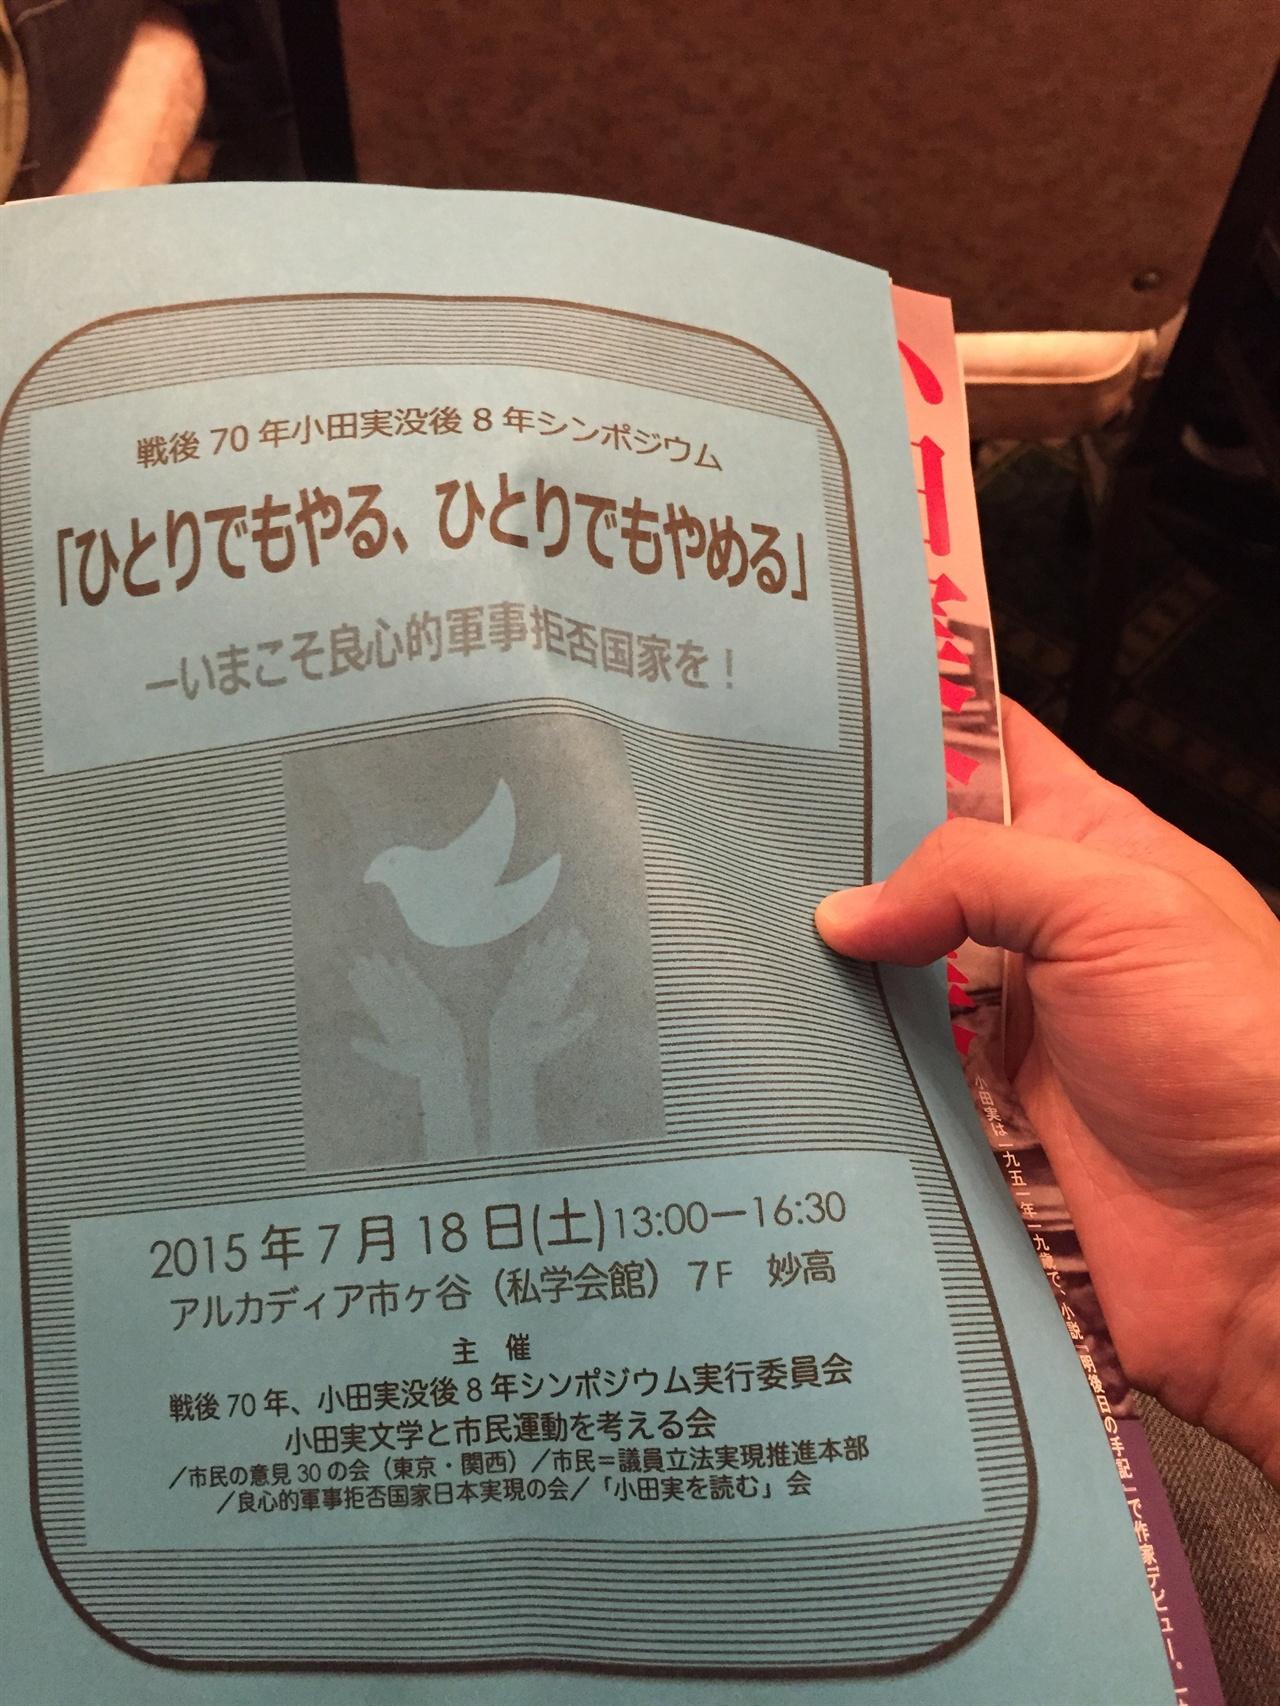 오다 마코토 사후 8주기 심포지엄의 팜플렛 점점 위협받고 있는 일본의 평화에 대한 이야기가 실려있었다.